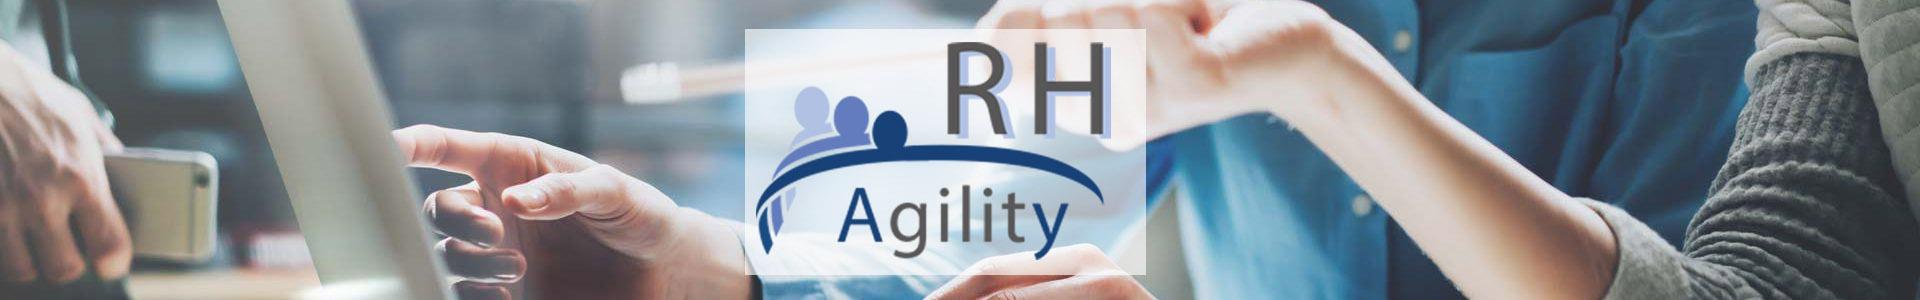 RH AGILITY